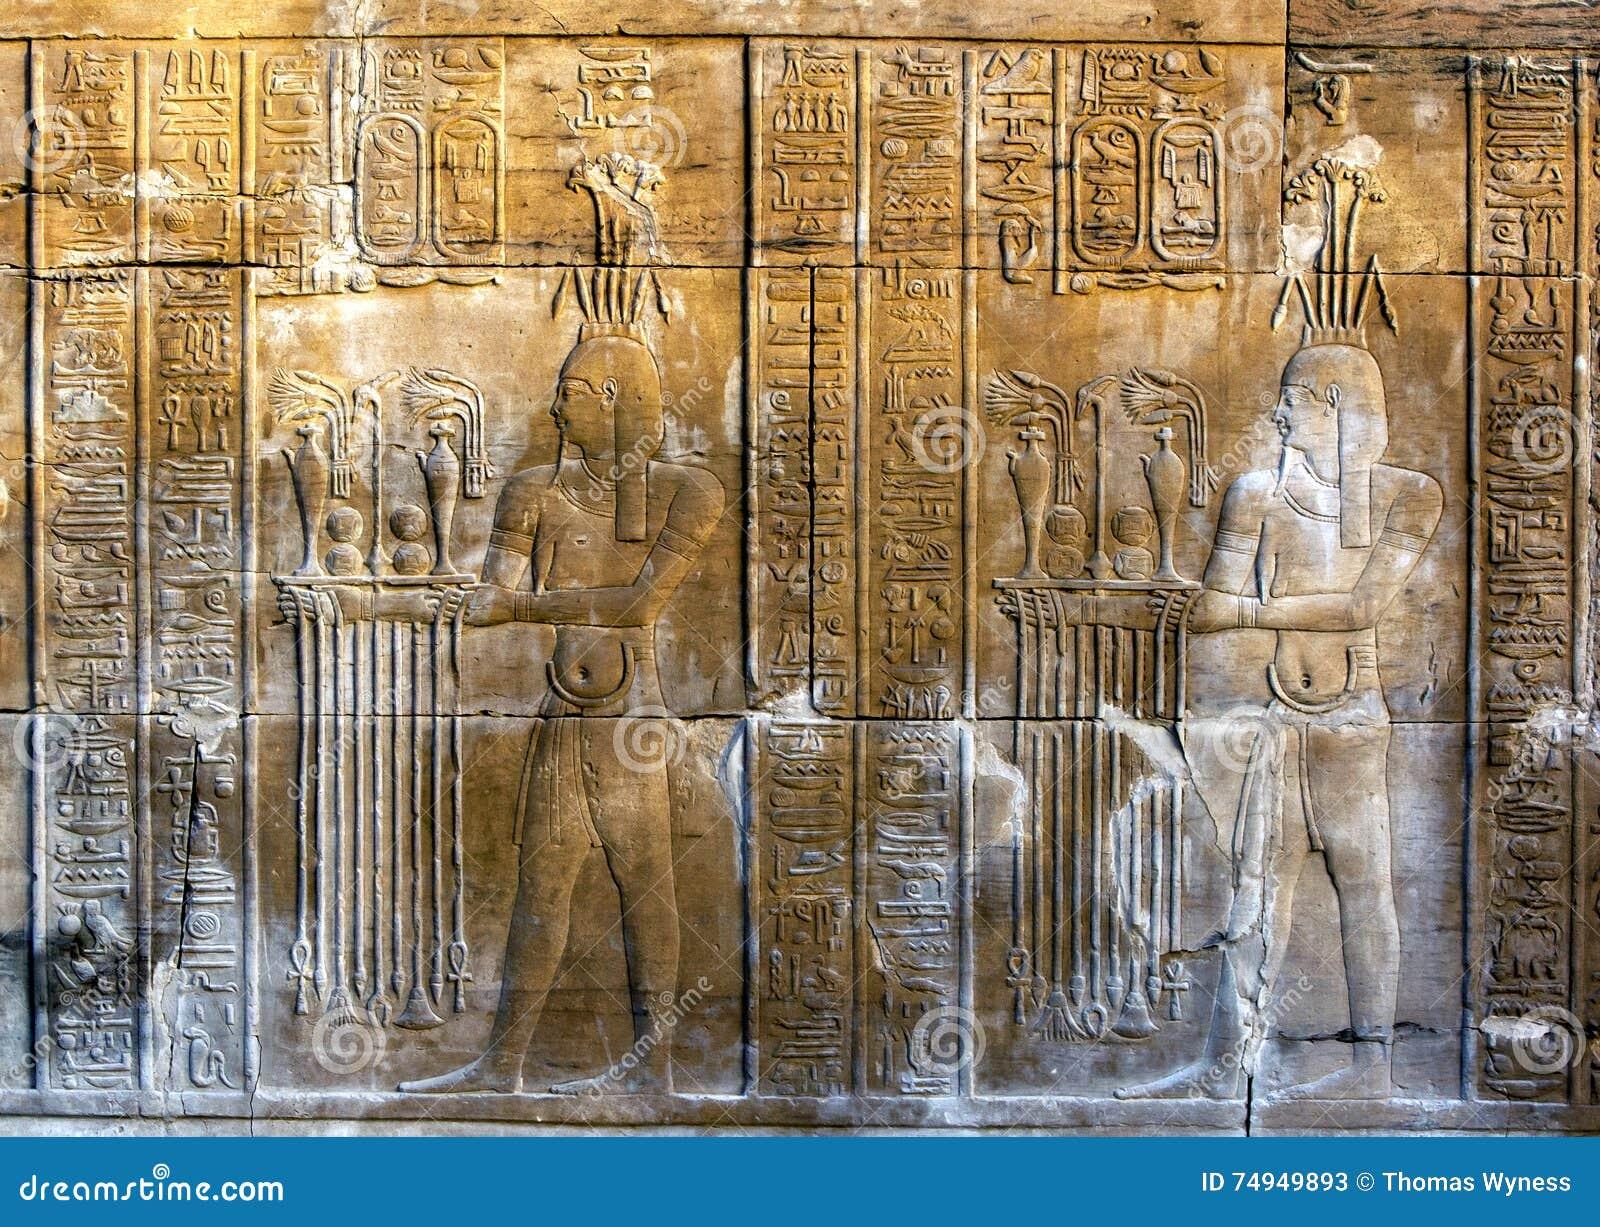 Ένας υπέροχα διακοσμημένος τοίχος που επιδεικνύει τις χαράξεις και hieroglyphs στο ναό Kom Ombo στην Αίγυπτο